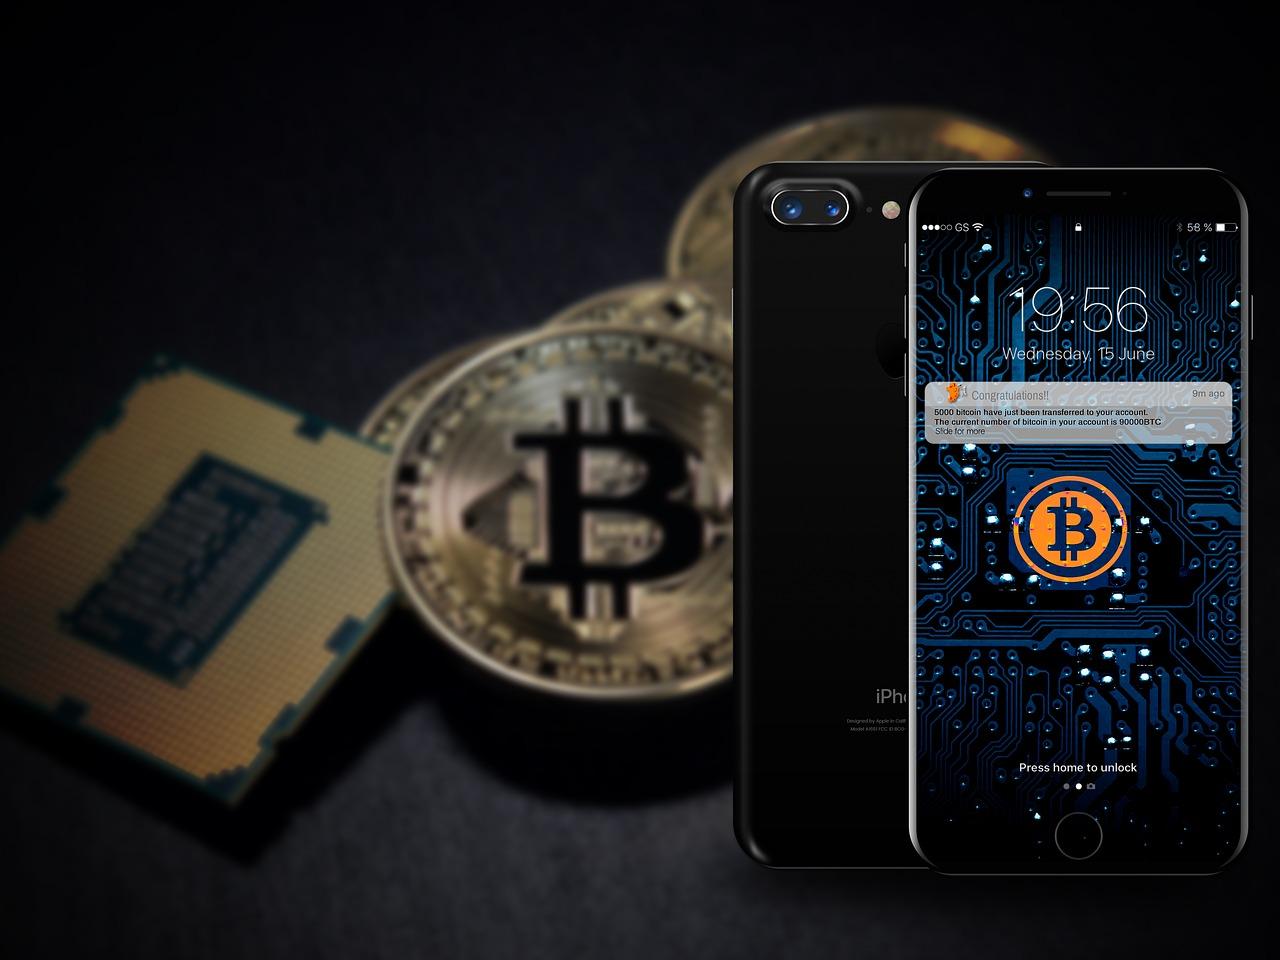 Cum pot genera un cod QR pentru o adresă Bitcoin cu suma?